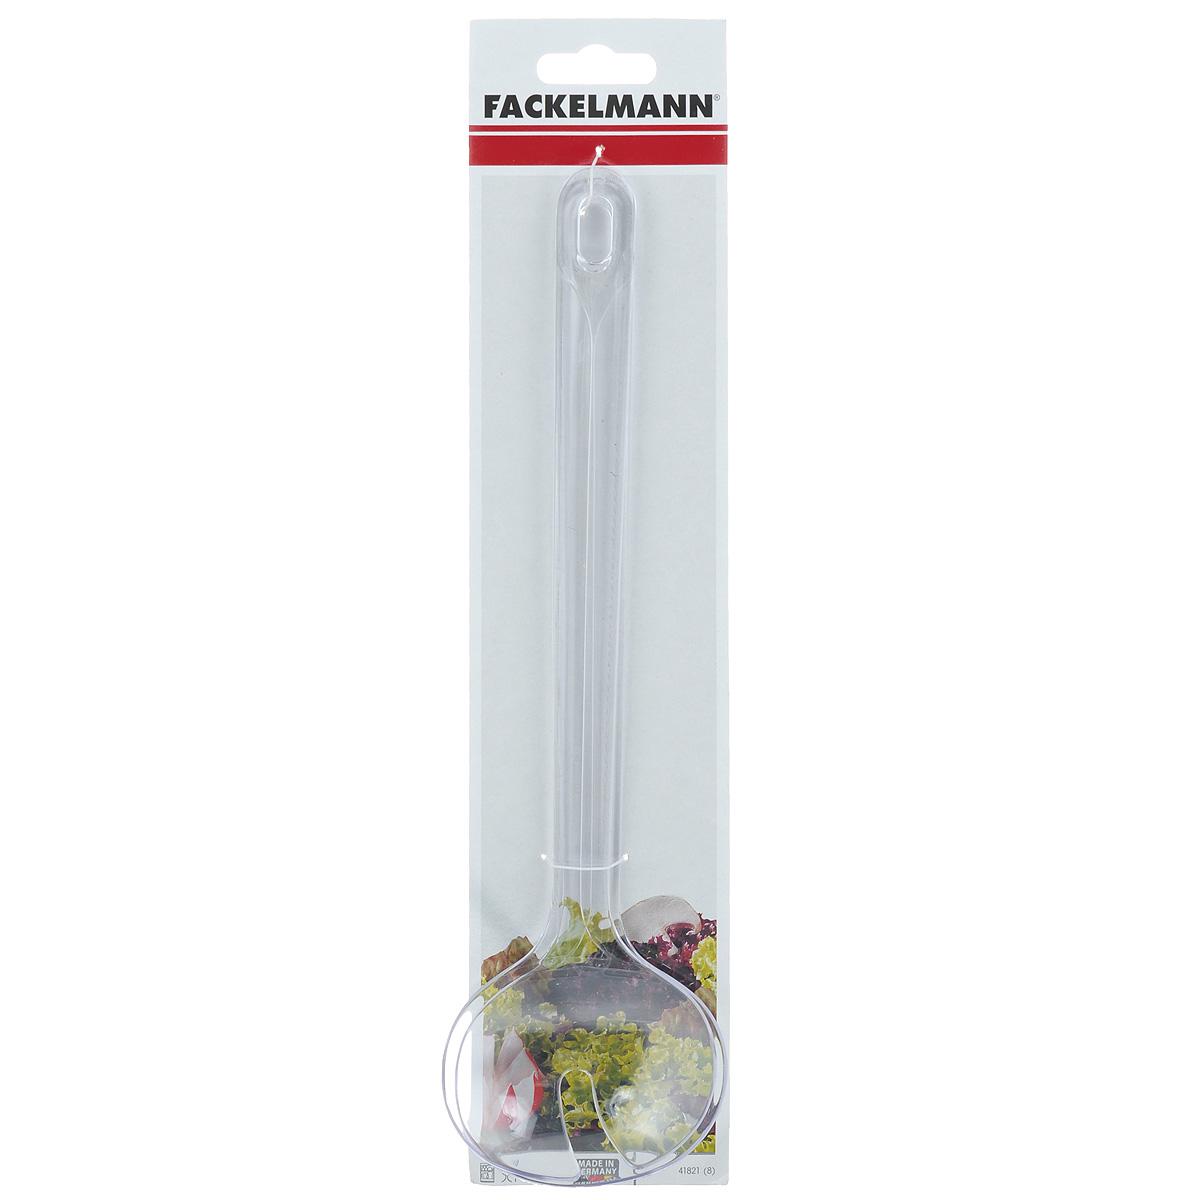 Ложки для сервировки салата Fackelmann, цвет: прозрачный, длина 29,5 см, 2 шт391602Ложки Fackelmann выполнены из прозрачного пластика и предназначены для перемешивания, сервировки и порциона салата. На конце ручек имеются небольшие отверстия, за которые ложки можно подвесить в любом удобном для вас месте. Практичные и удобные ложки Fackelmann займут достойное место среди аксессуаров на вашей кухне.Можно мыть в посудомоечной машине. Длина ложки: 29,5 см.Размер рабочей поверхности: 8 см х 6 см.